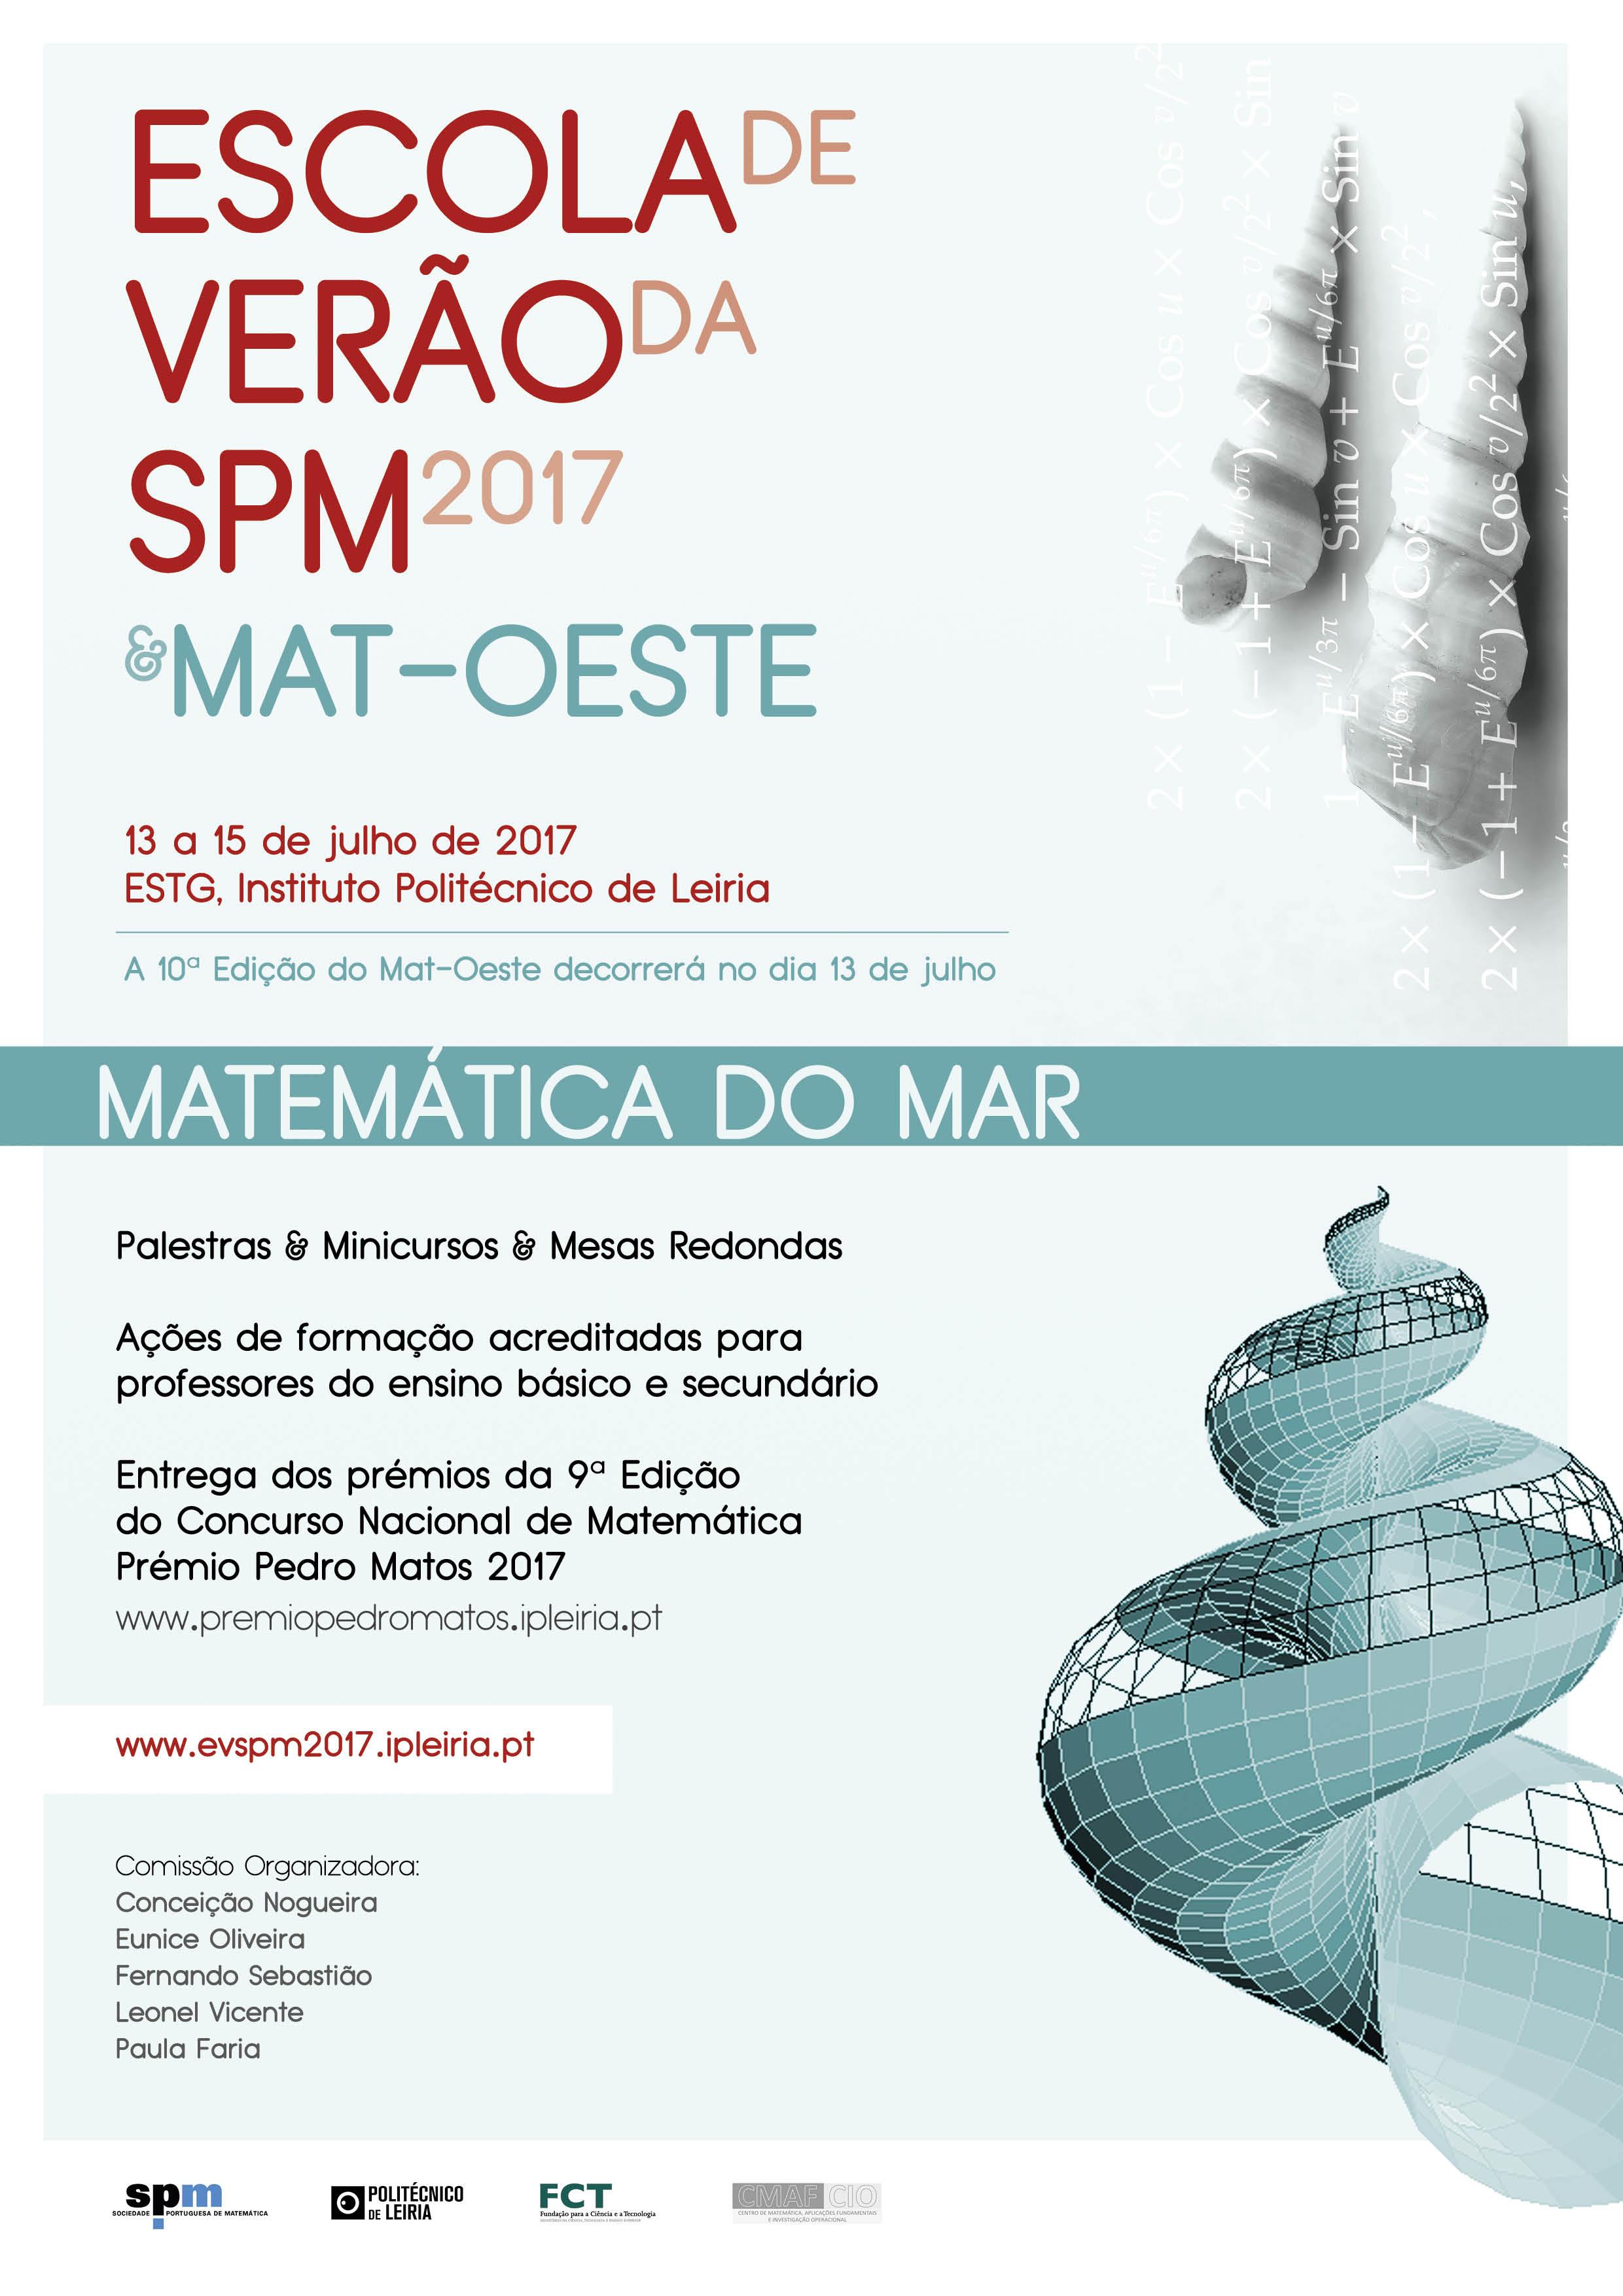 Cartaz - Escola Verao SPM & Mat-Oeste 2017 - Versão Final